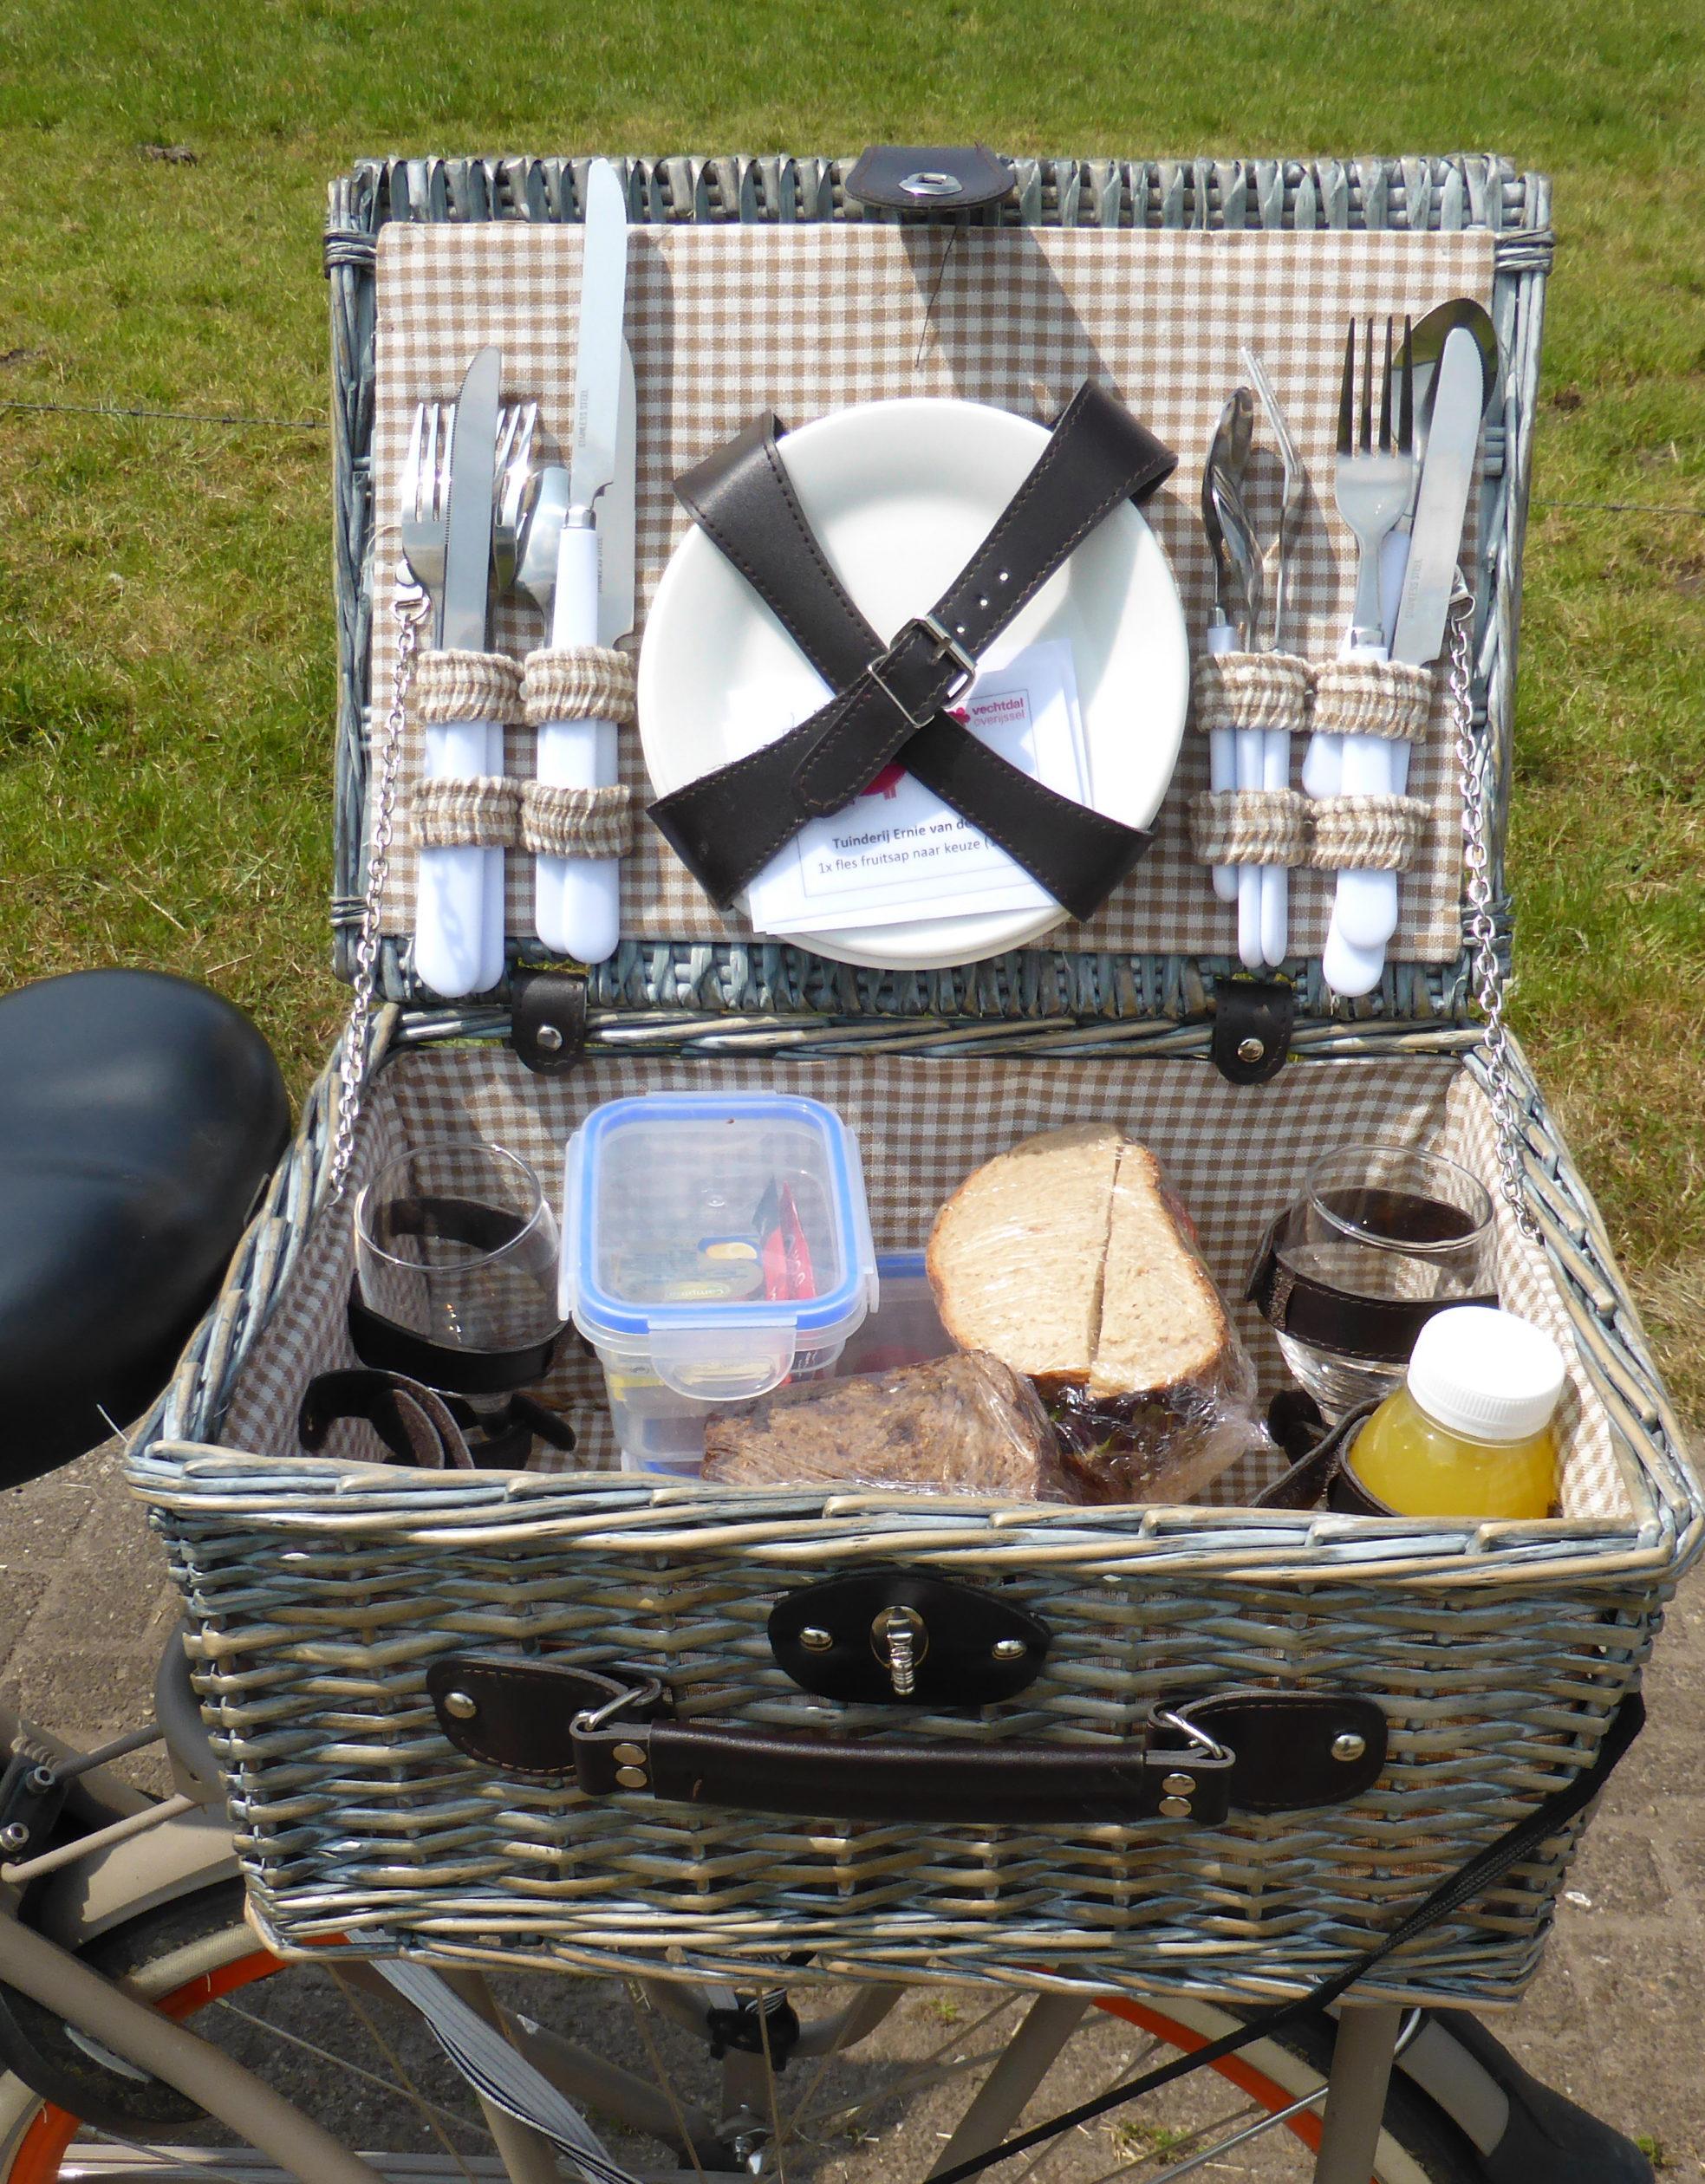 Prall gefüllter Picknickkorb auf dem Weg in die holländische Sahara